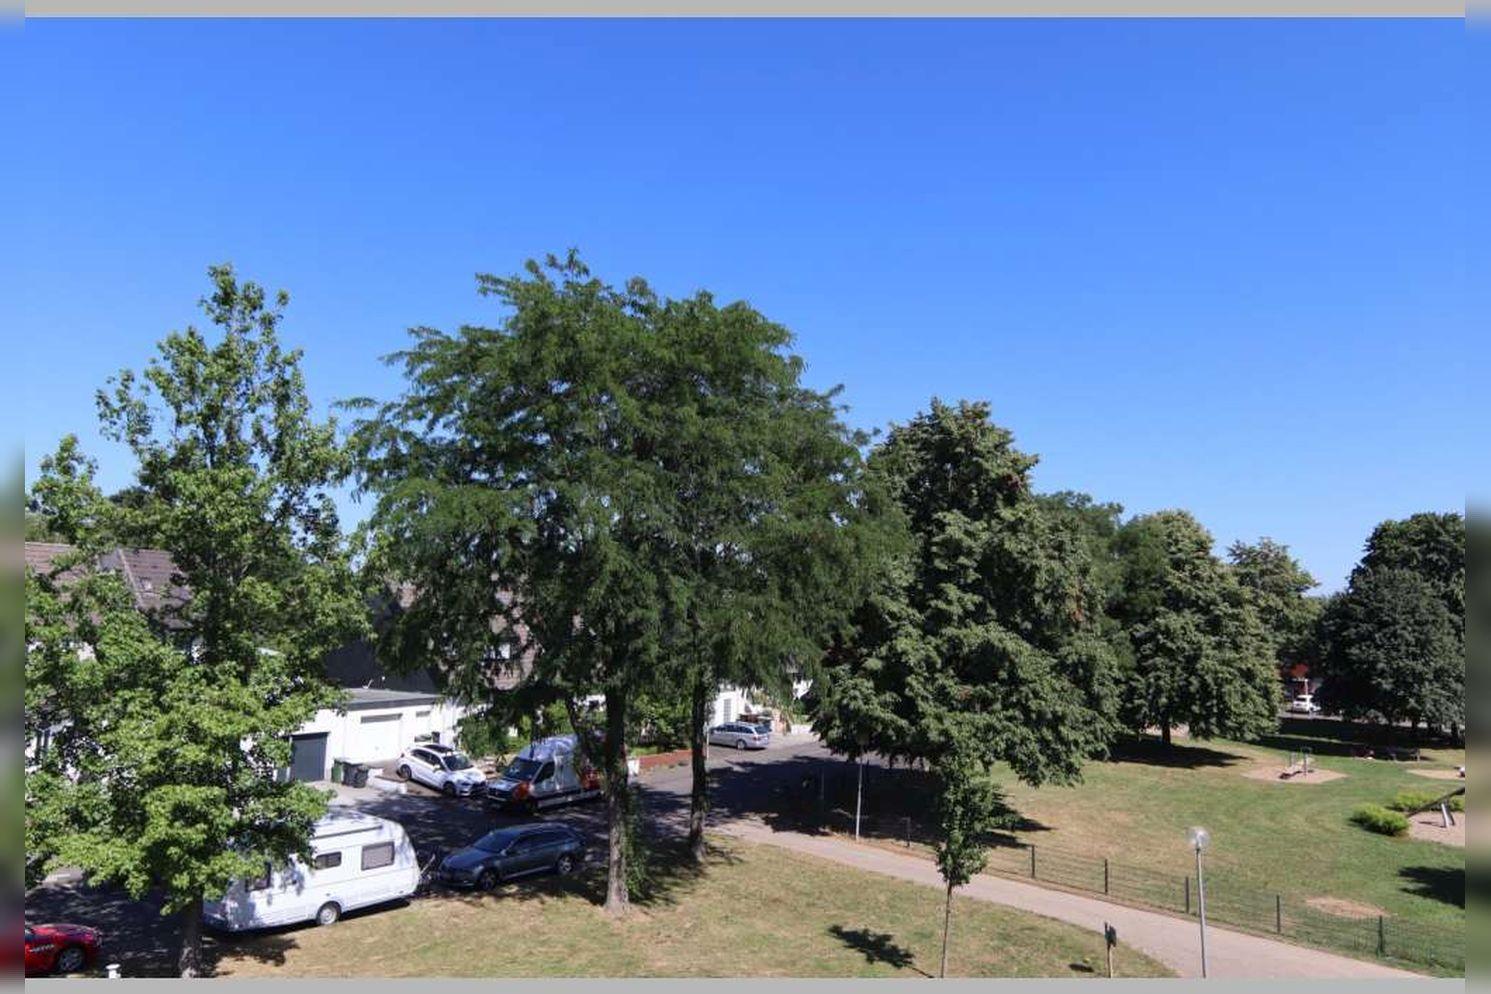 Immobilie Nr.0268 - Reihenmittelhaus mit 4 Zimmern, Küche, Diele, Badezimmer, Gäste-WC, Garten, Garage und Stellplätzen - Bild 8.jpg